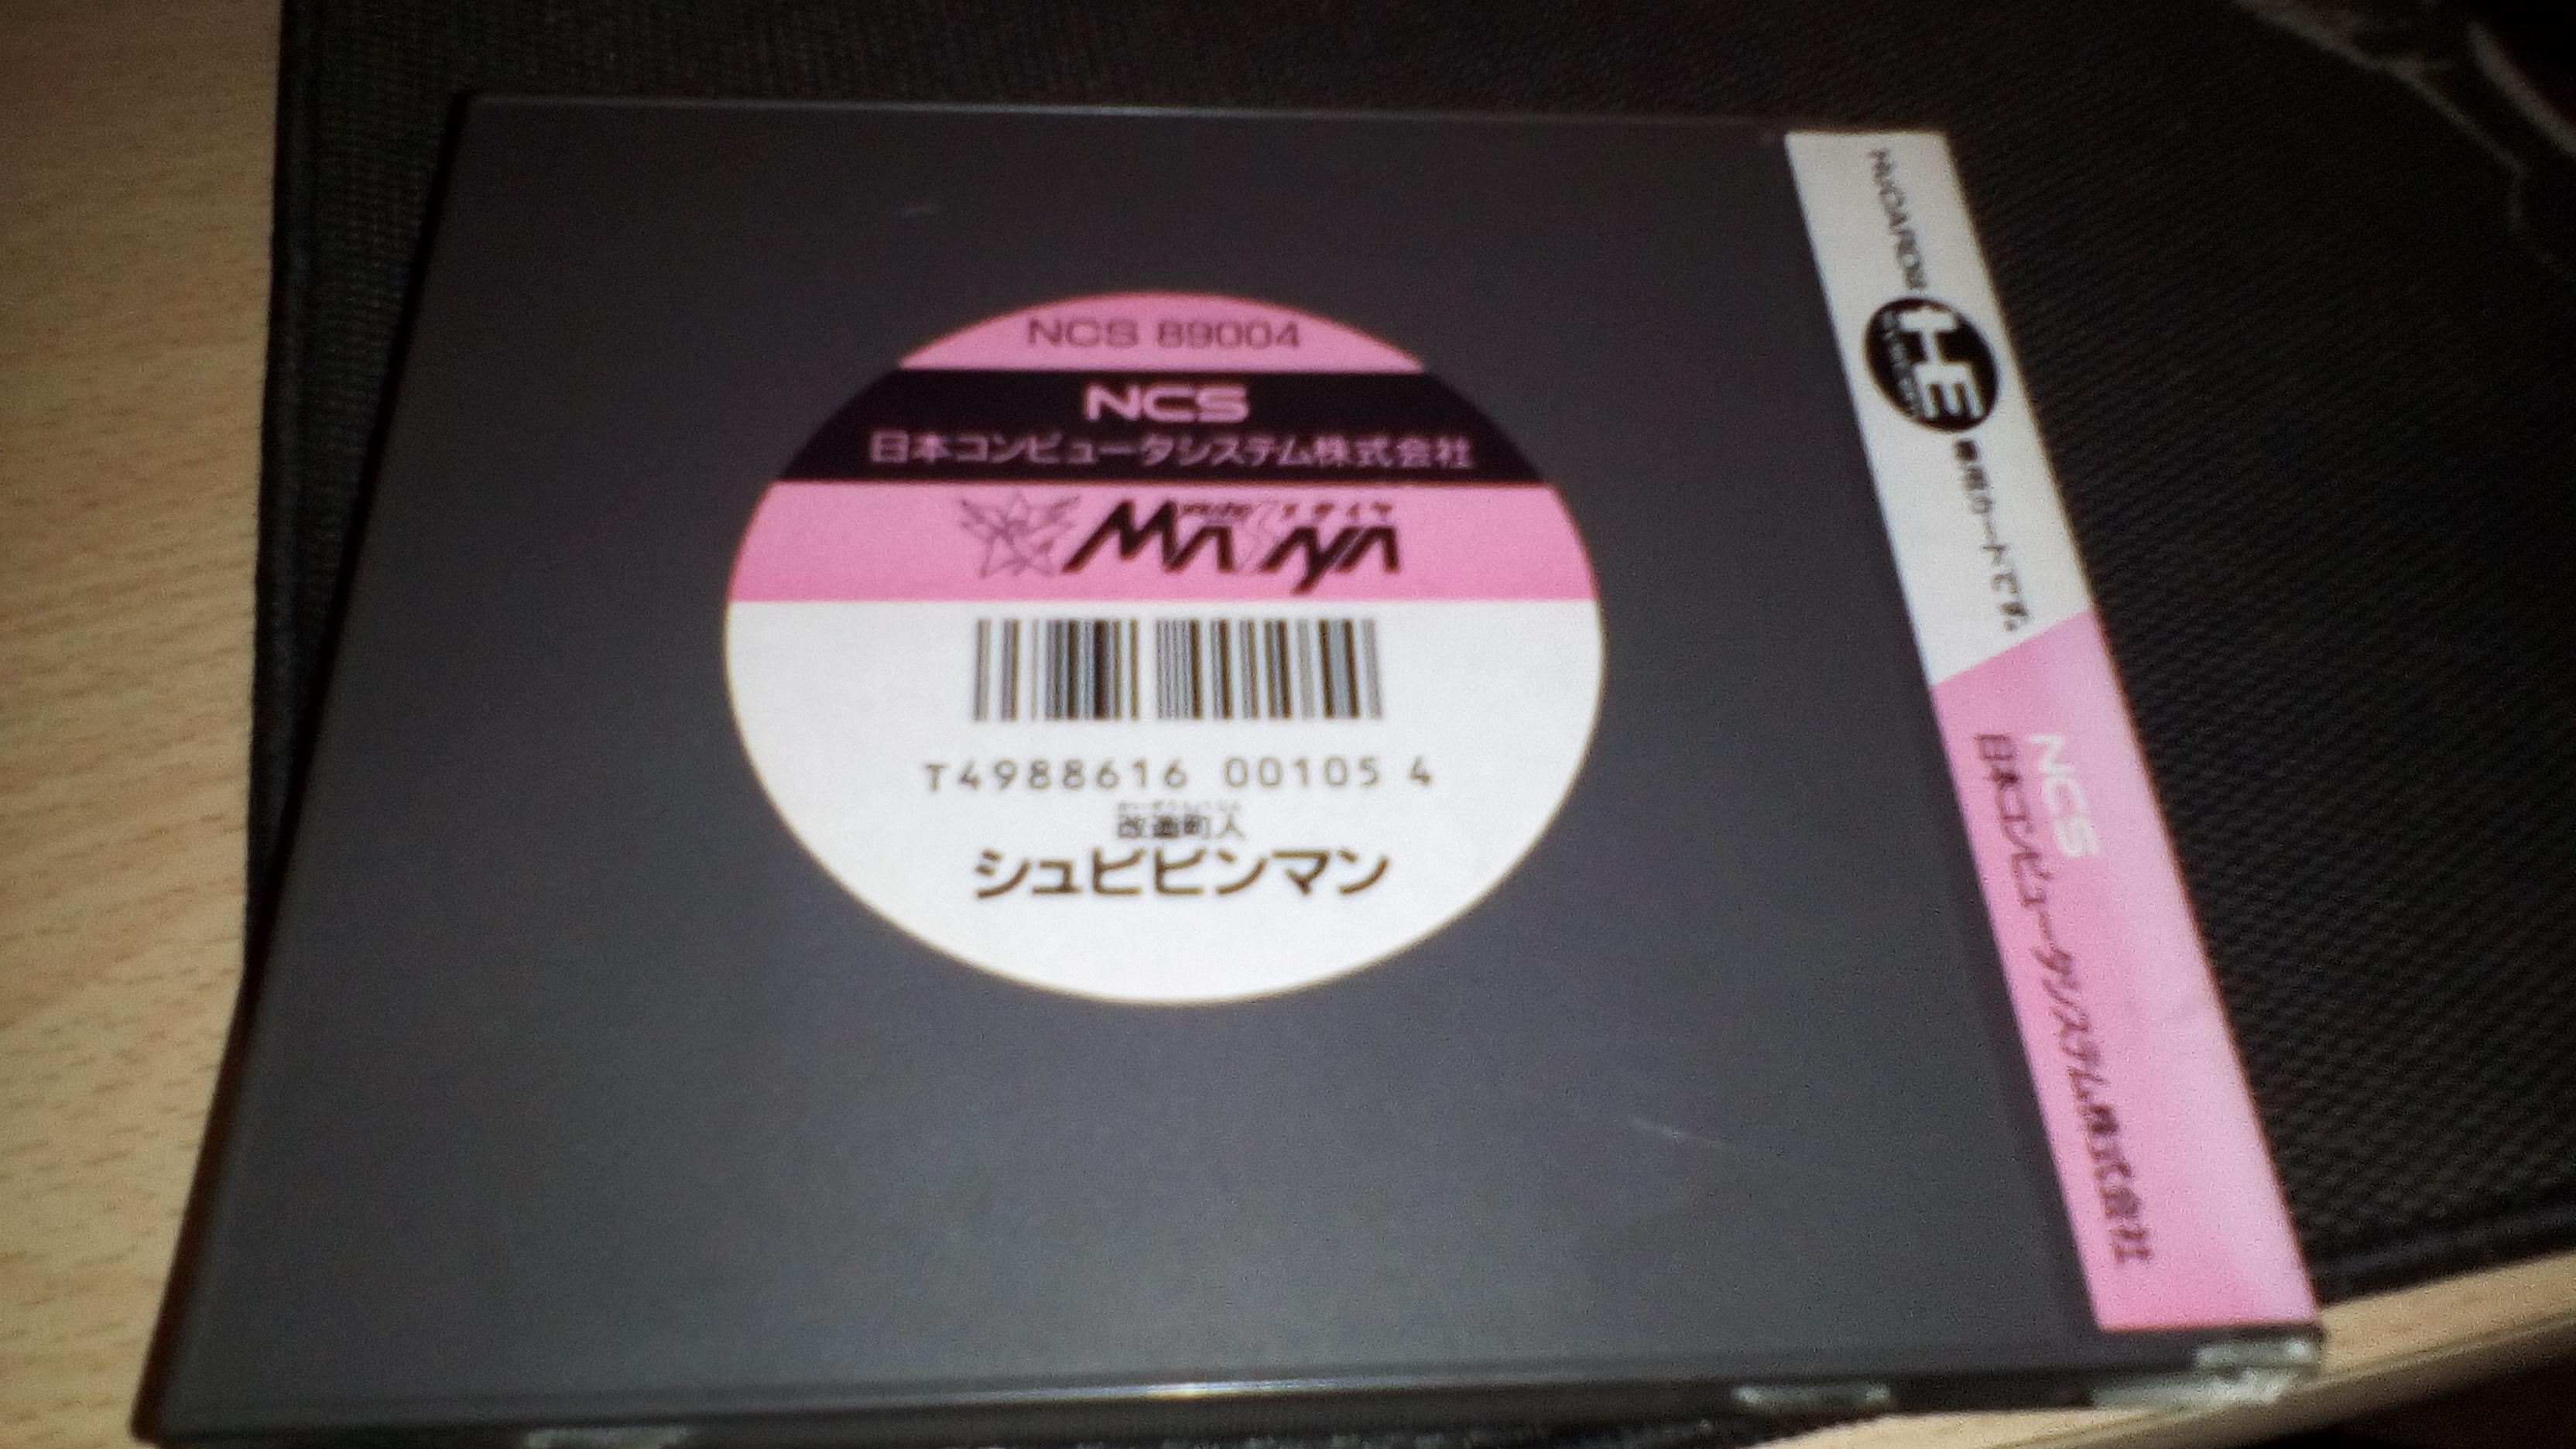 Shop/Ech Gold - Jeux GBA US - Dragon Valor PS1 - JDR Papier - Jeux DS - Zelda 171007024914437675